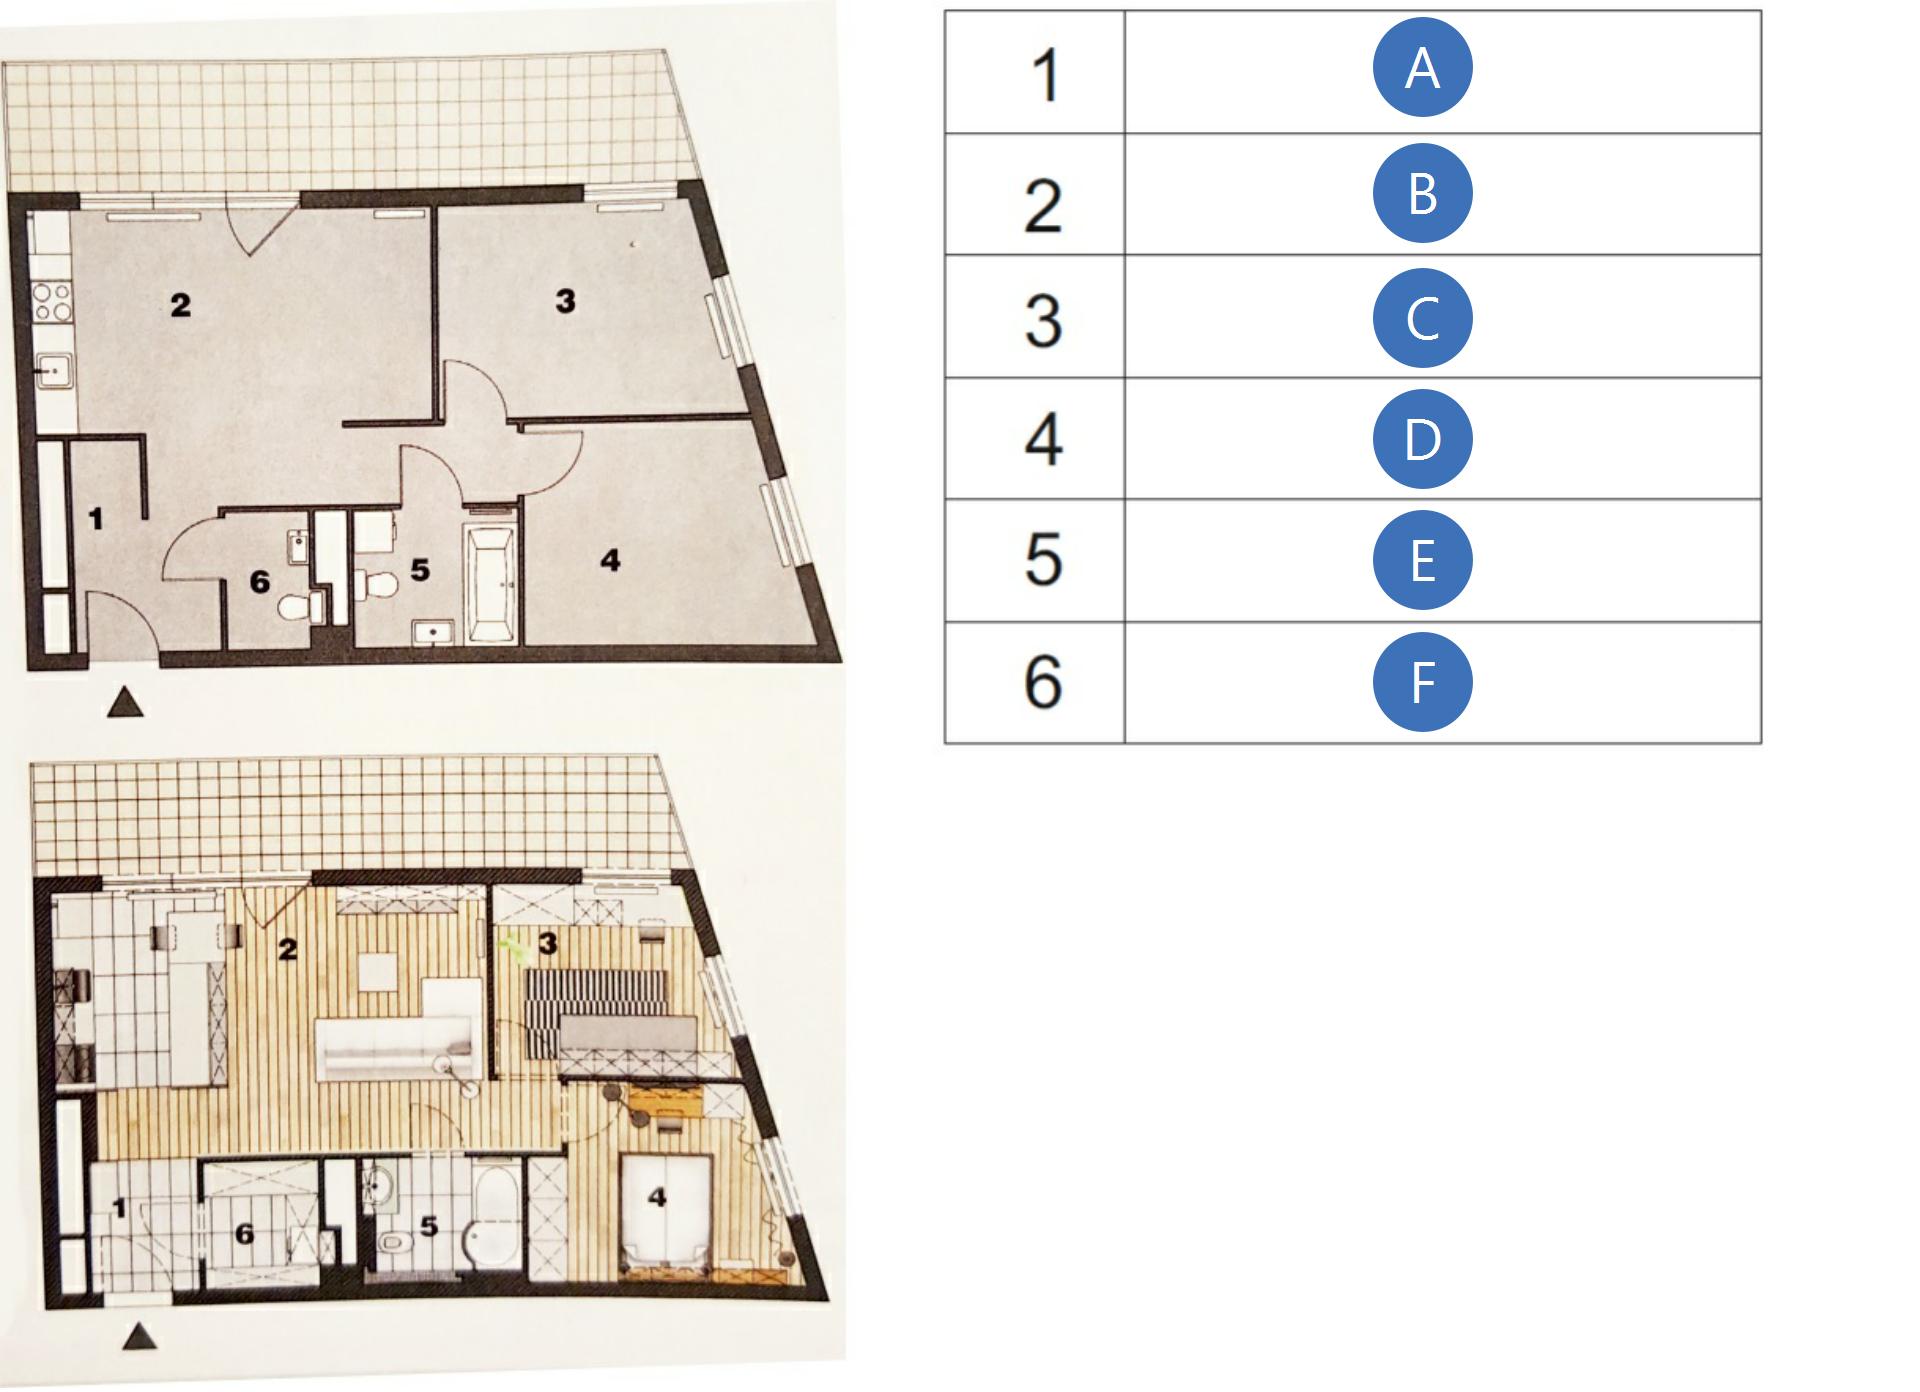 Pierwsza ilustracja przedstawia rzut na plan mieszkania bez wyraźnie zaznaczonych przedmiotów. Druga ilustracja przedstawia rzut na plan mieszkania po nowej adaptacji. Widać zaznaczone numerami pomieszczenia zzaznaczonymi przedmiotami jakie się wnich znajdują. Numer 1 to pomieszczenie gdzie są drzwi wejściowe idrzwi do innego pomieszczenia. Numer 2 to największe zpomieszczeń na którym zaprojektowano elementy kuchenne oraz ustawiono sofę istolik. Numer 3 to pokój zkanapą ibiurkiem. Numer 4 to pomieszczenie wktórym jest duże łóżko. Numer 5 to pomieszczenie gdzie jest toaleta, zlew iprysznic. Numer 6 to pomieszczenie zmiejscem na szafę lub regały.